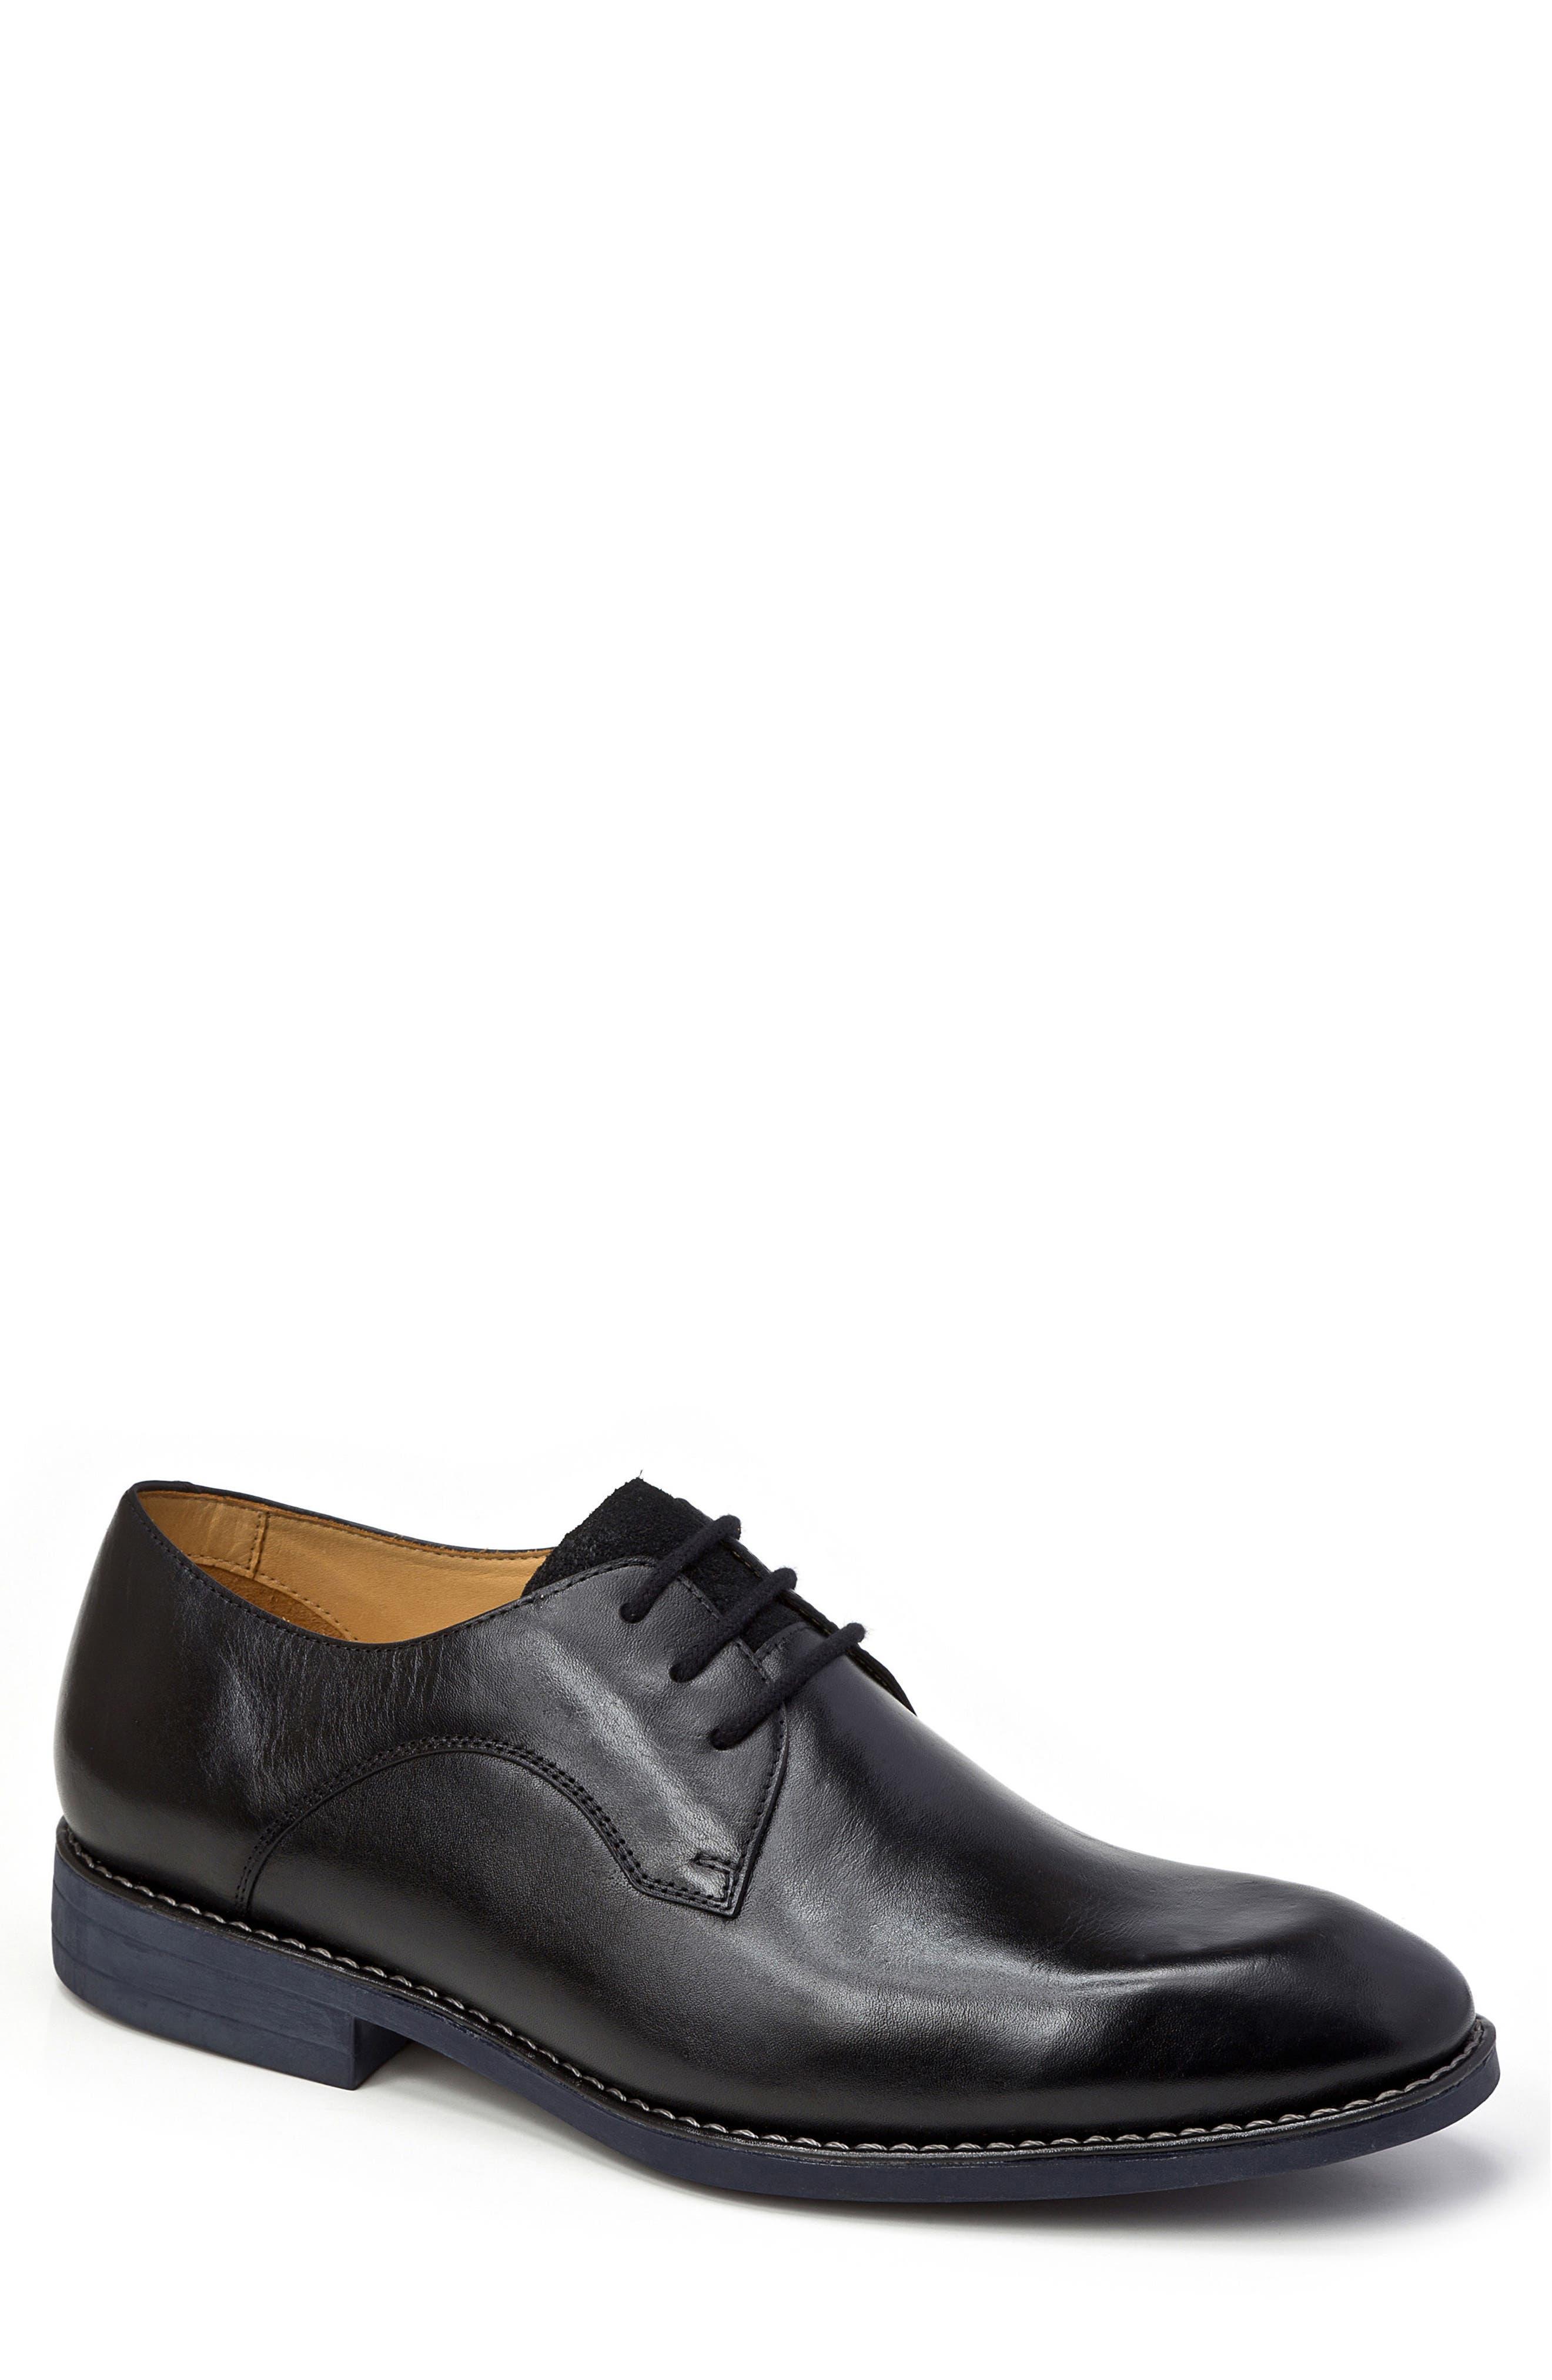 Garret Plain Toe Derby,                             Main thumbnail 1, color,                             BLACK LEATHER